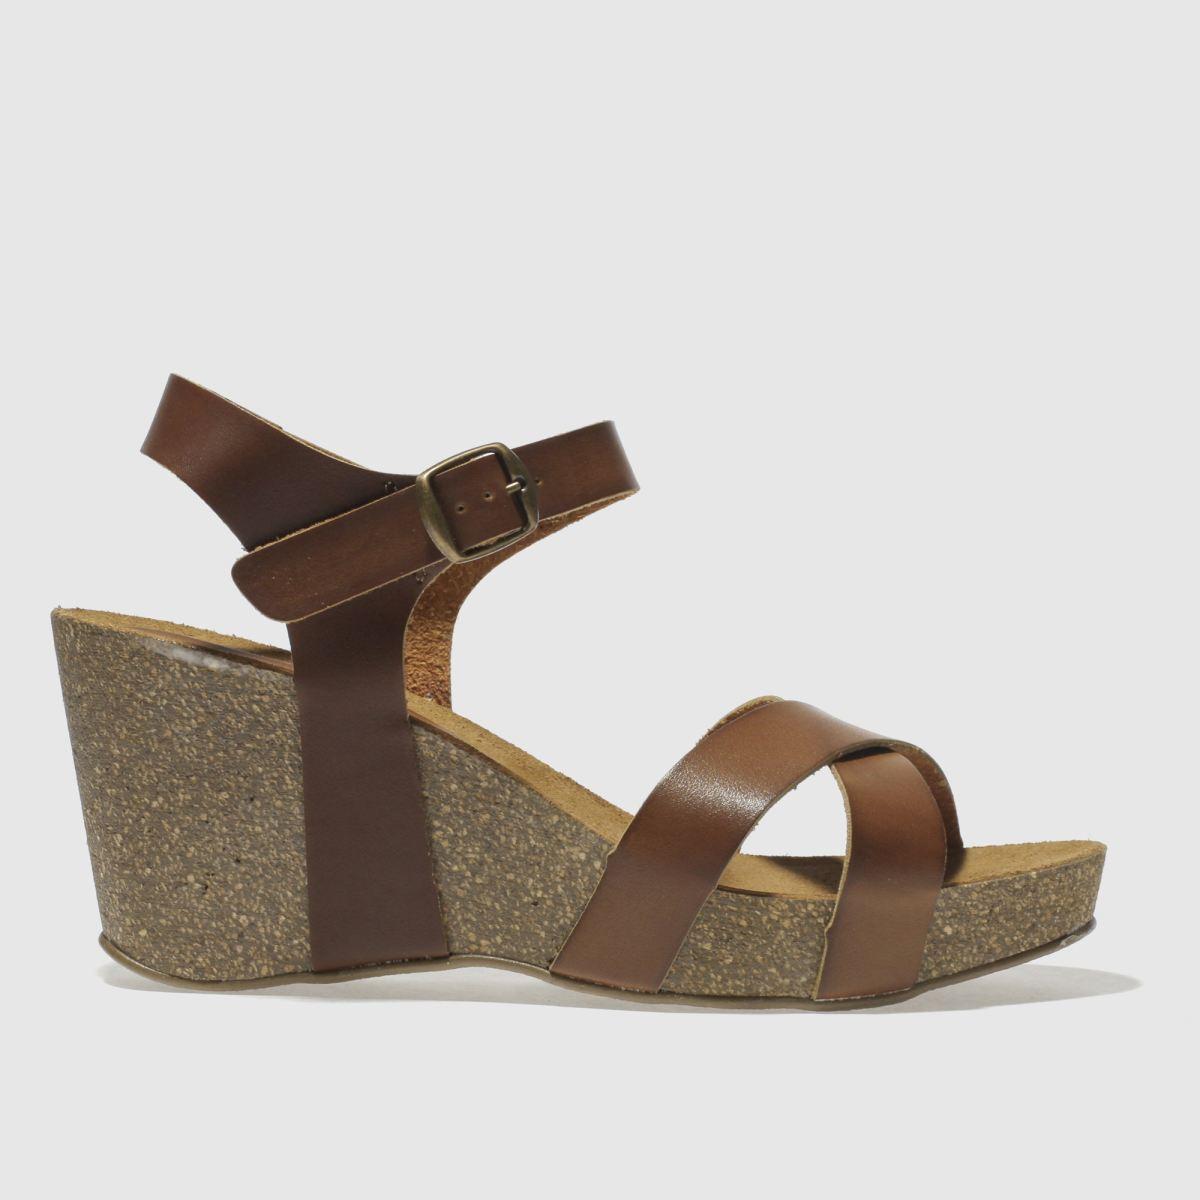 Schuh Tan Gorgie Gayle Sandals